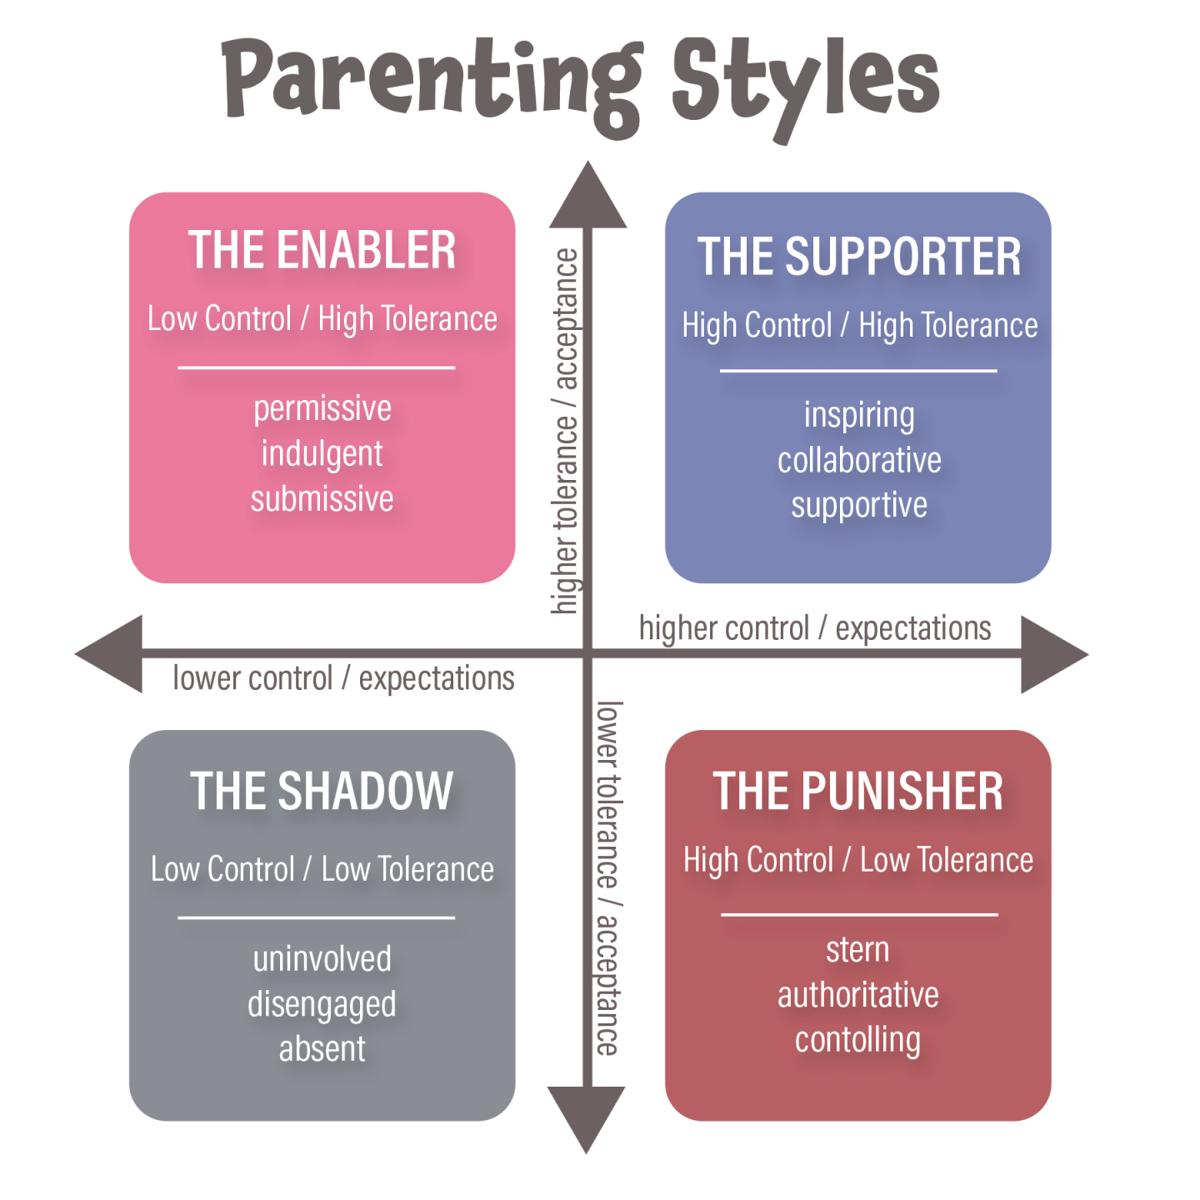 ParentingStyleChart.png